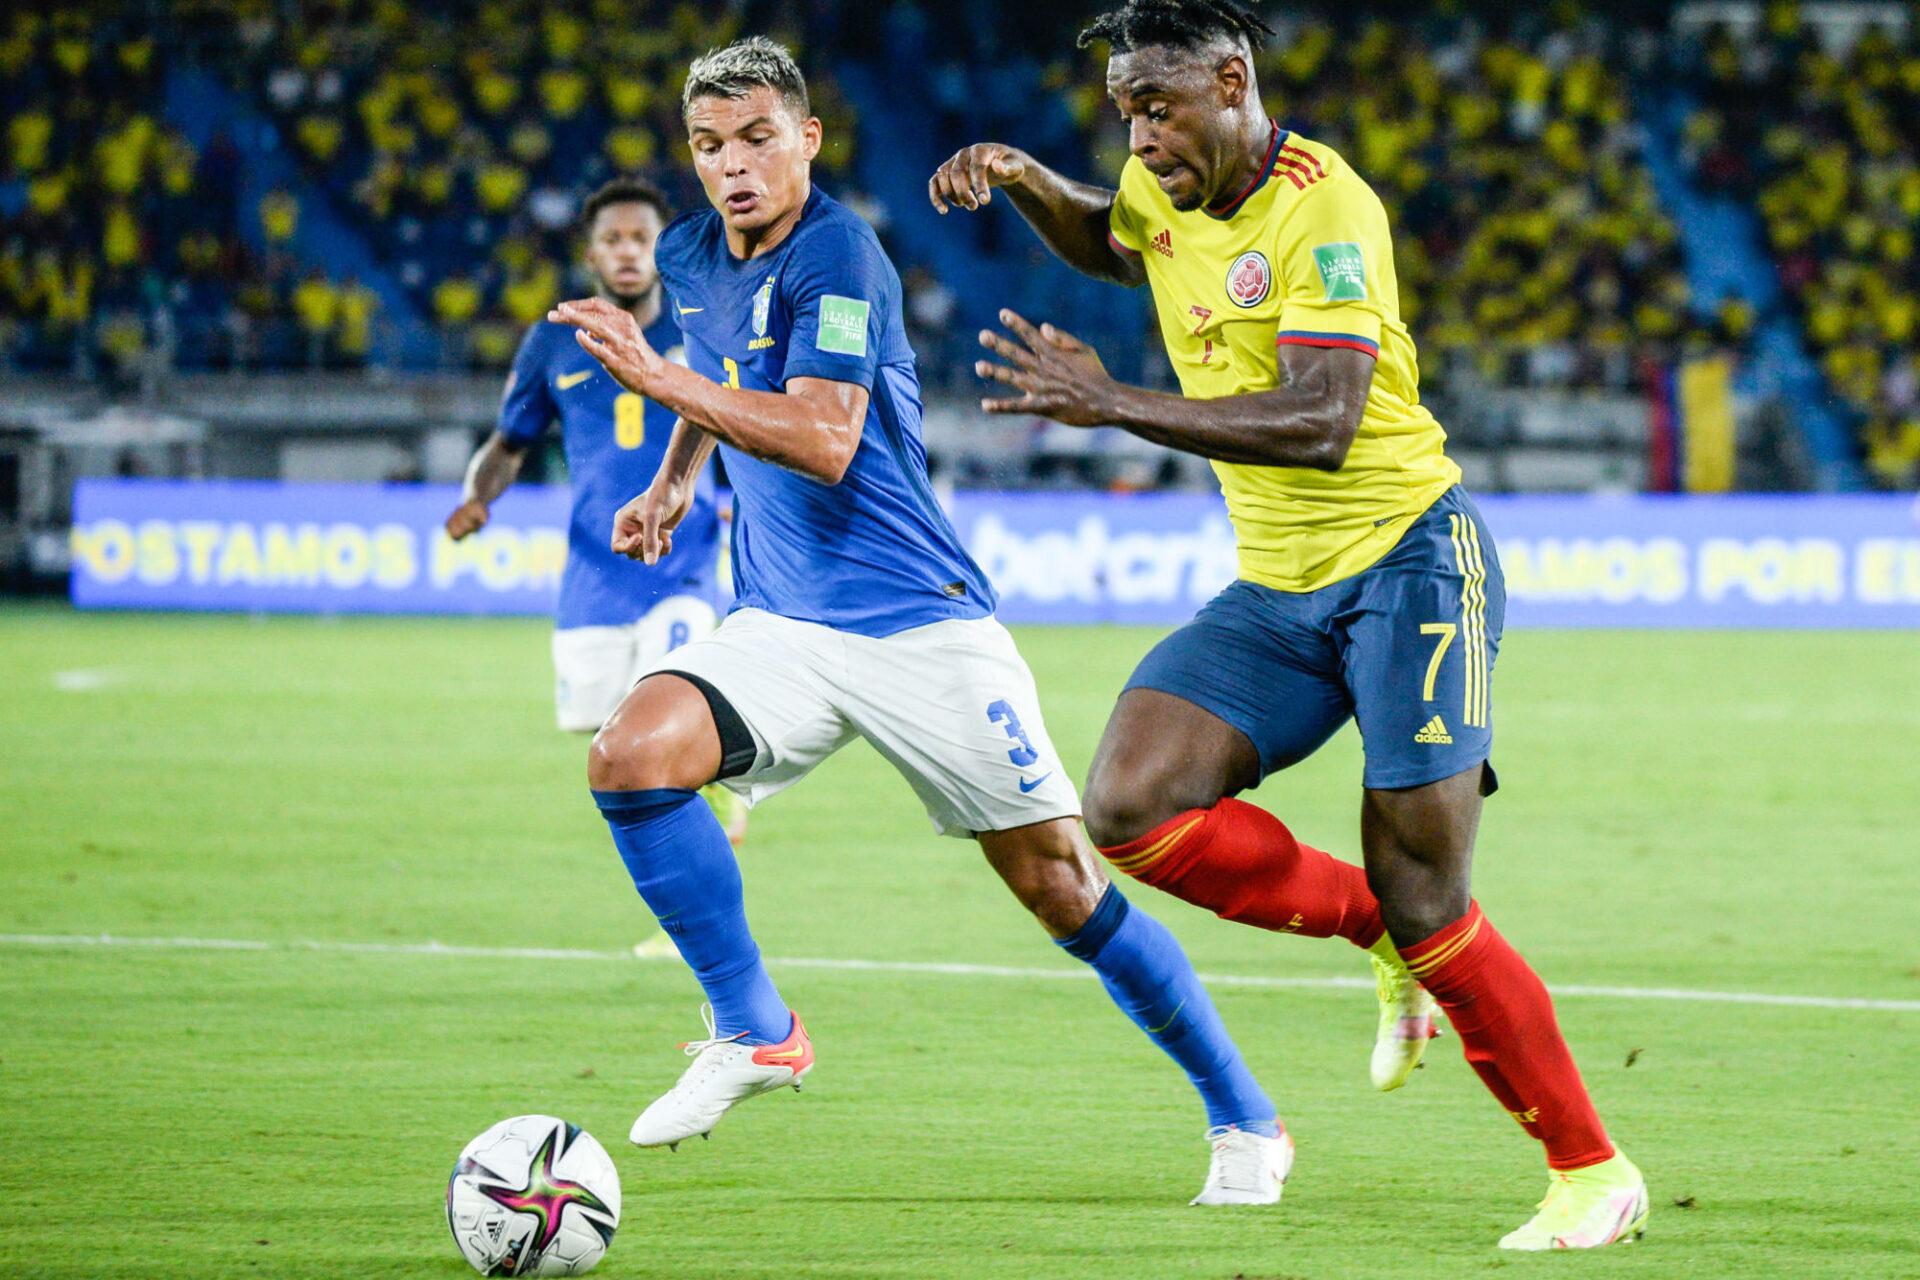 Thiago Silva au duel avec Duvan Zapata lors du match nul contre la Colombie (0-0), dimanche 10 octobre. Icon Sport